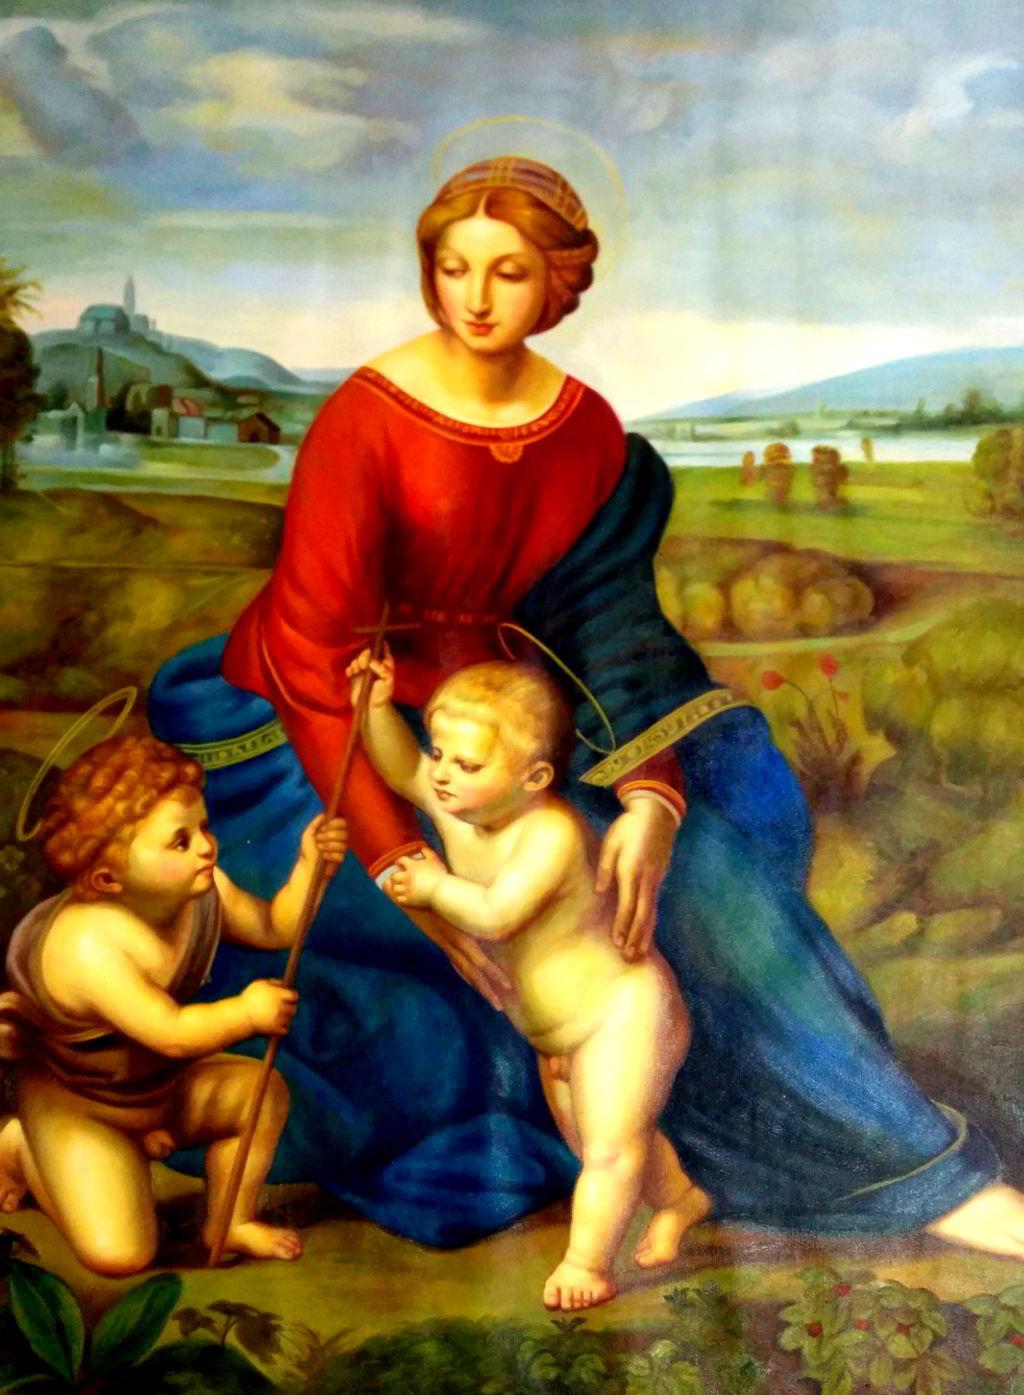 Madonna im Grünen - Raffael - oelgemaelde von 1506